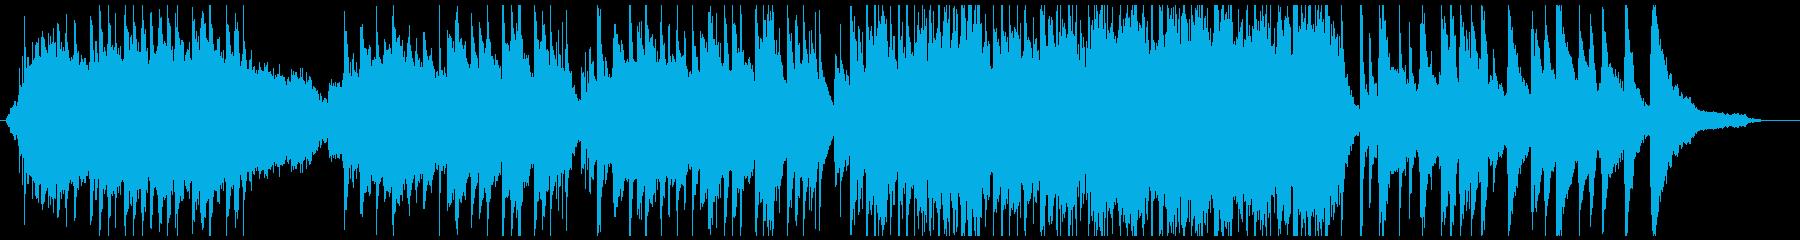 スタイリッシュな和風エレクトロの再生済みの波形